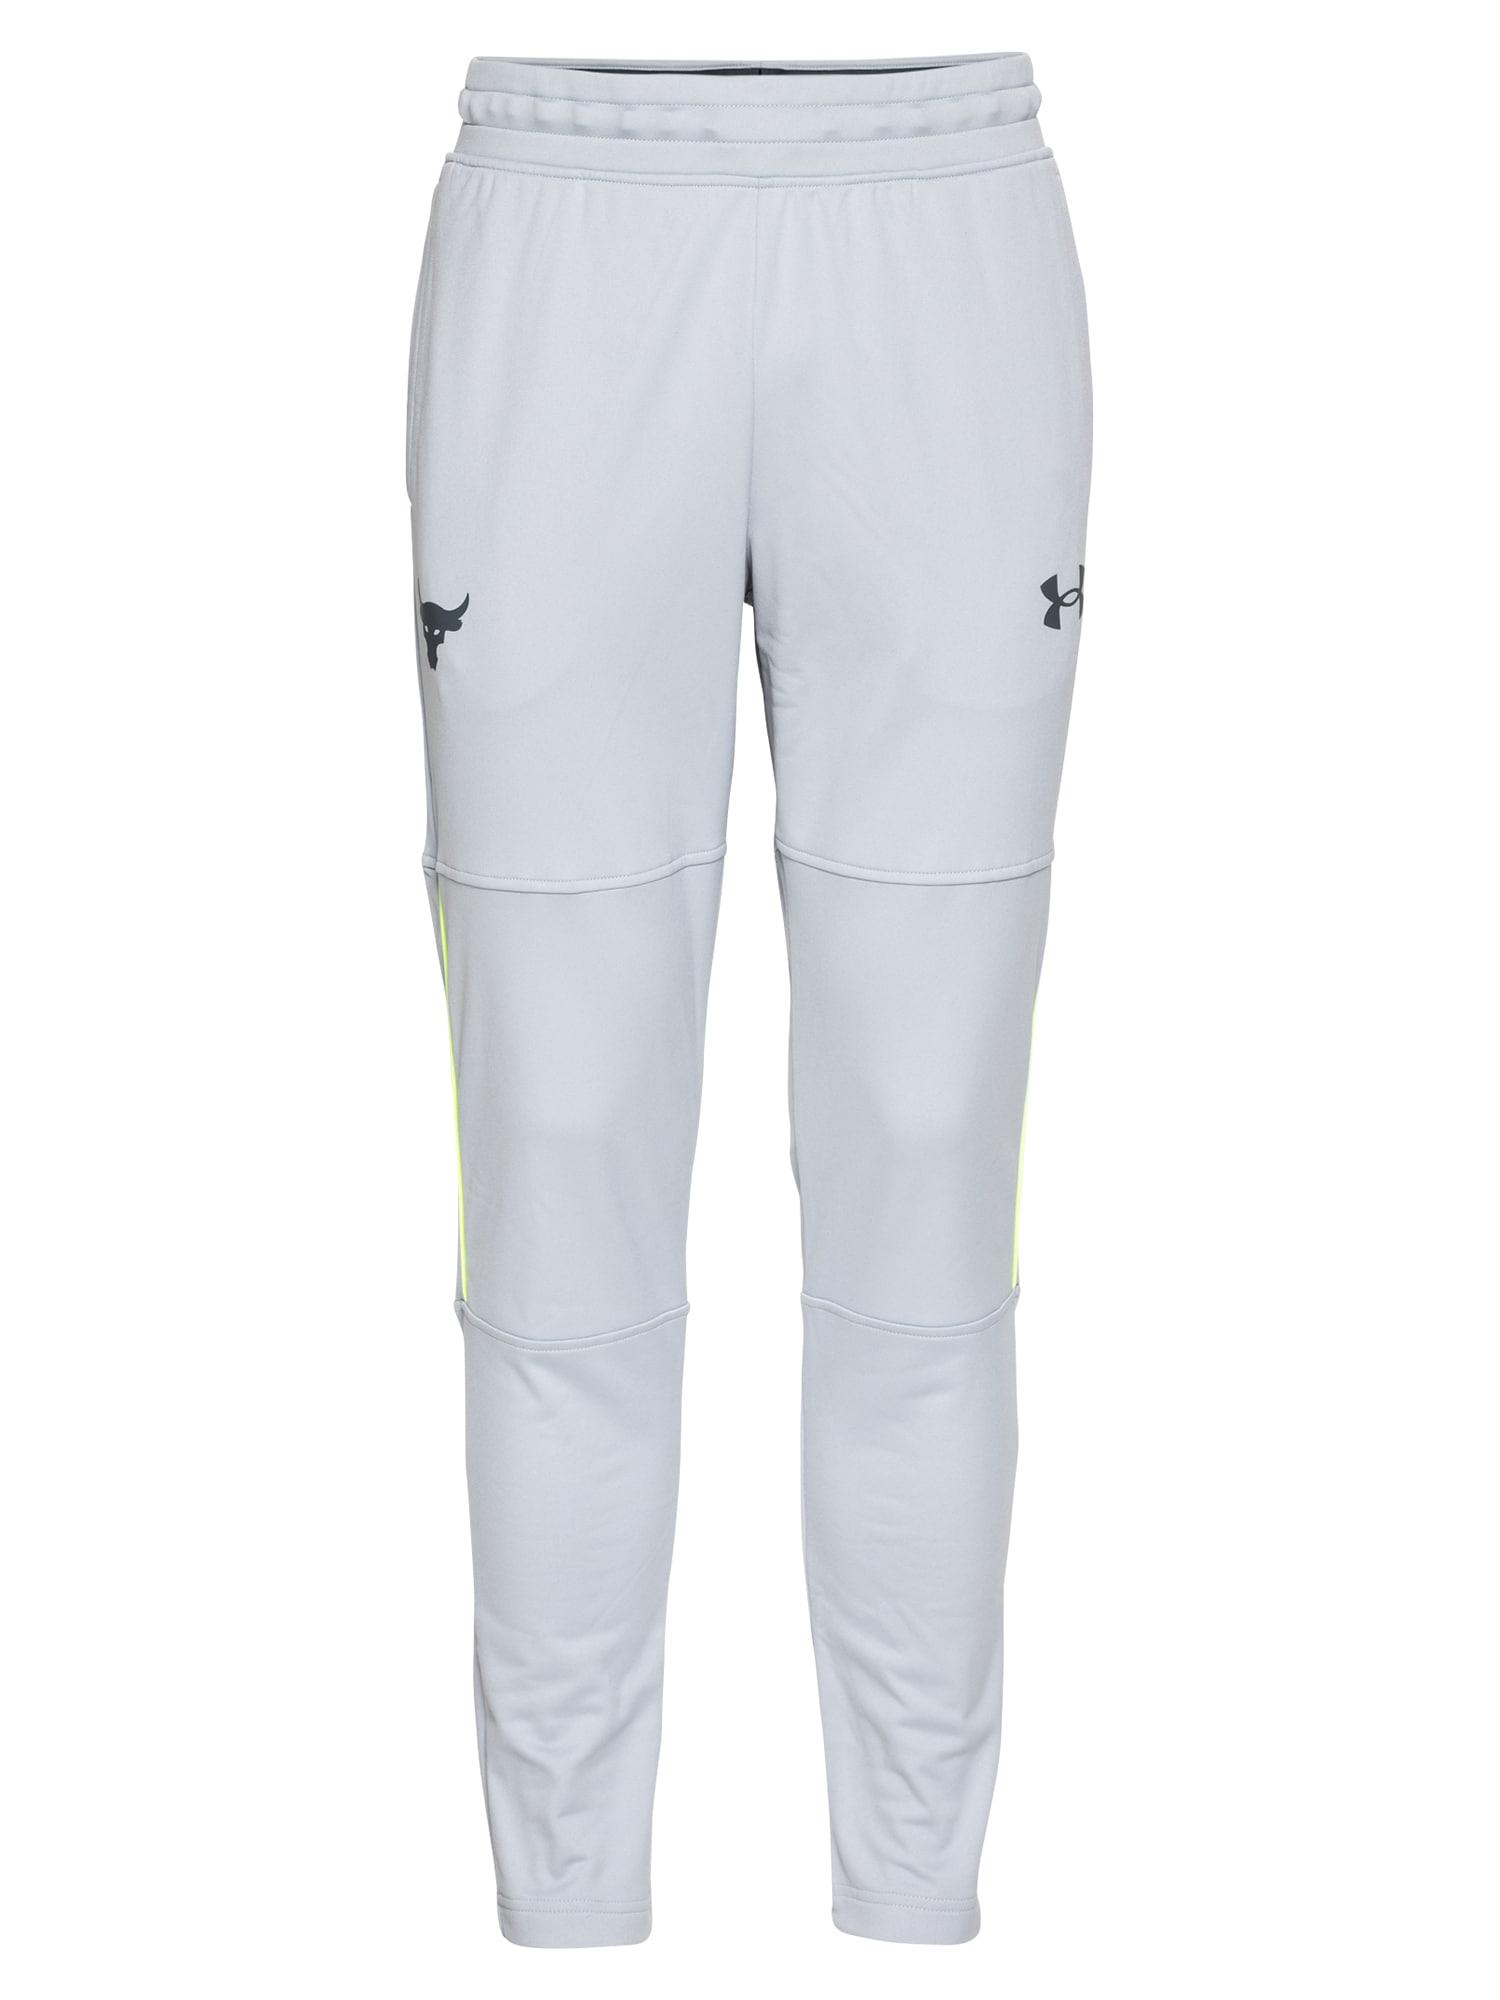 UNDER ARMOUR Sportinės kelnės pilka / antracito